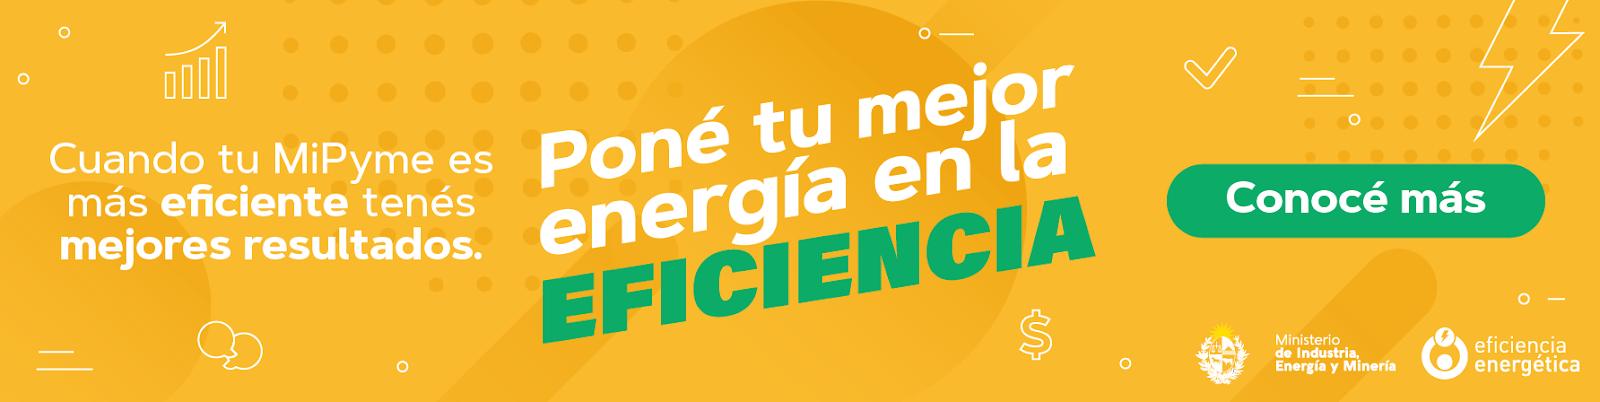 Poné tu mejor energía en la eficiencia